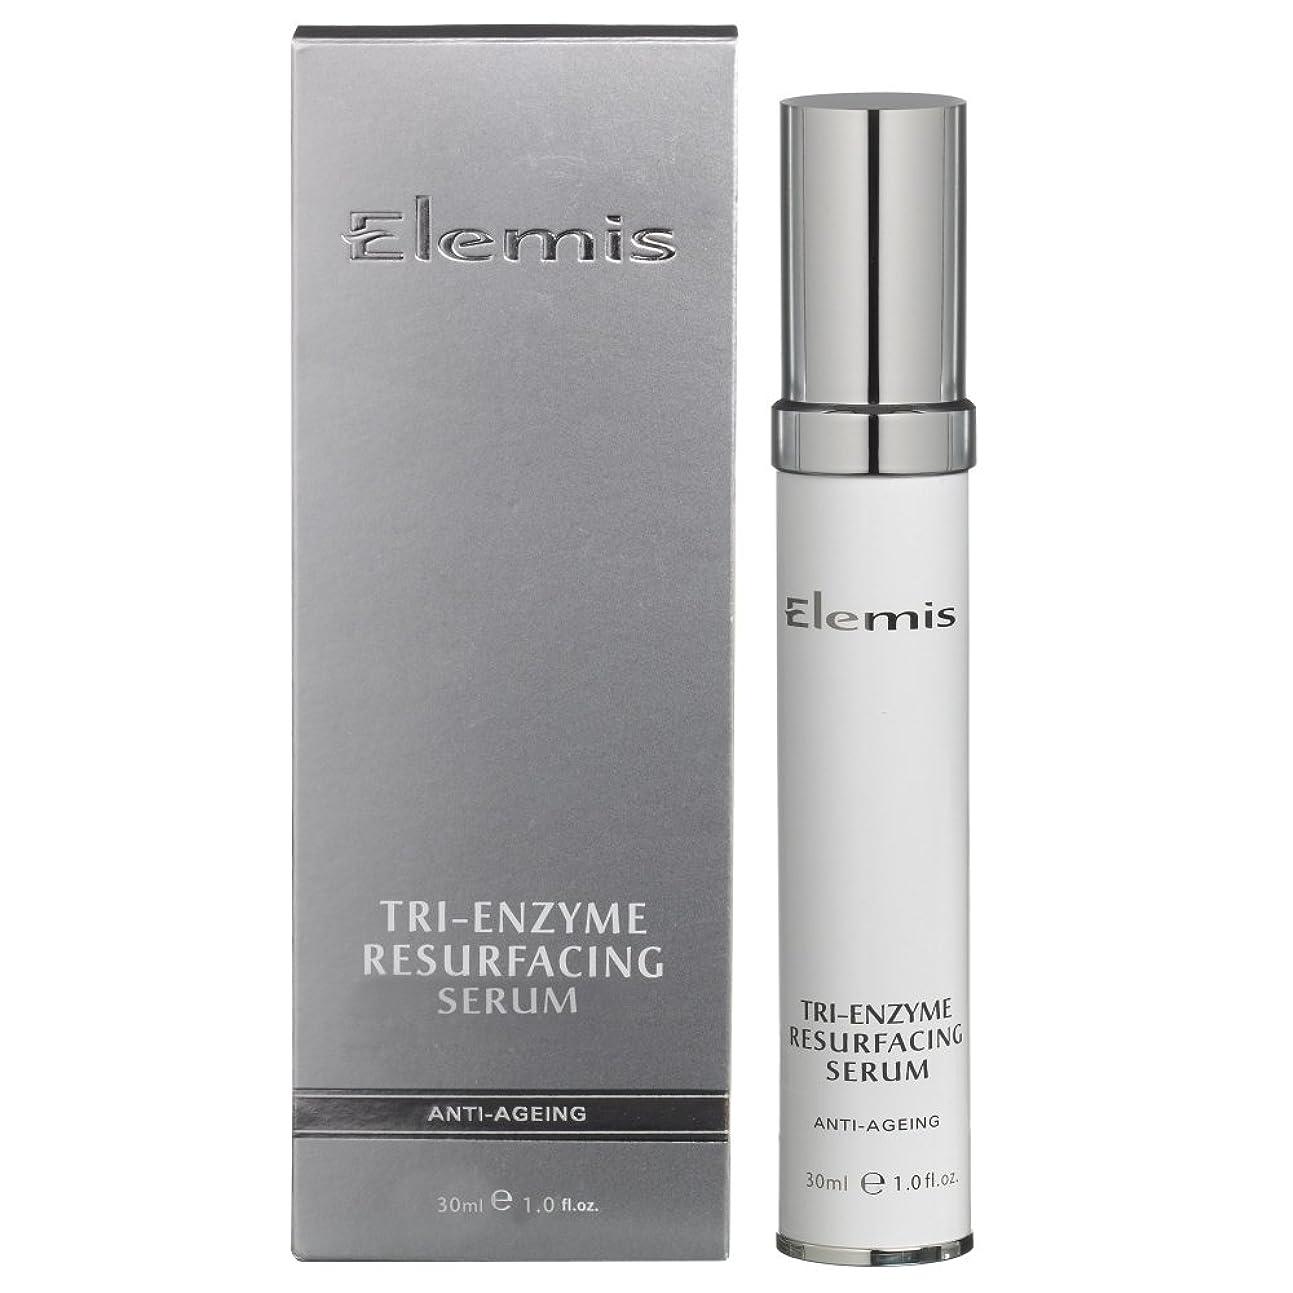 先祖ペンインタネットを見るエレミストライ酵素リサーフェシング血清 (Elemis) (x6) - Elemis Tri-Enzyme Resurfacing Serum (Pack of 6) [並行輸入品]